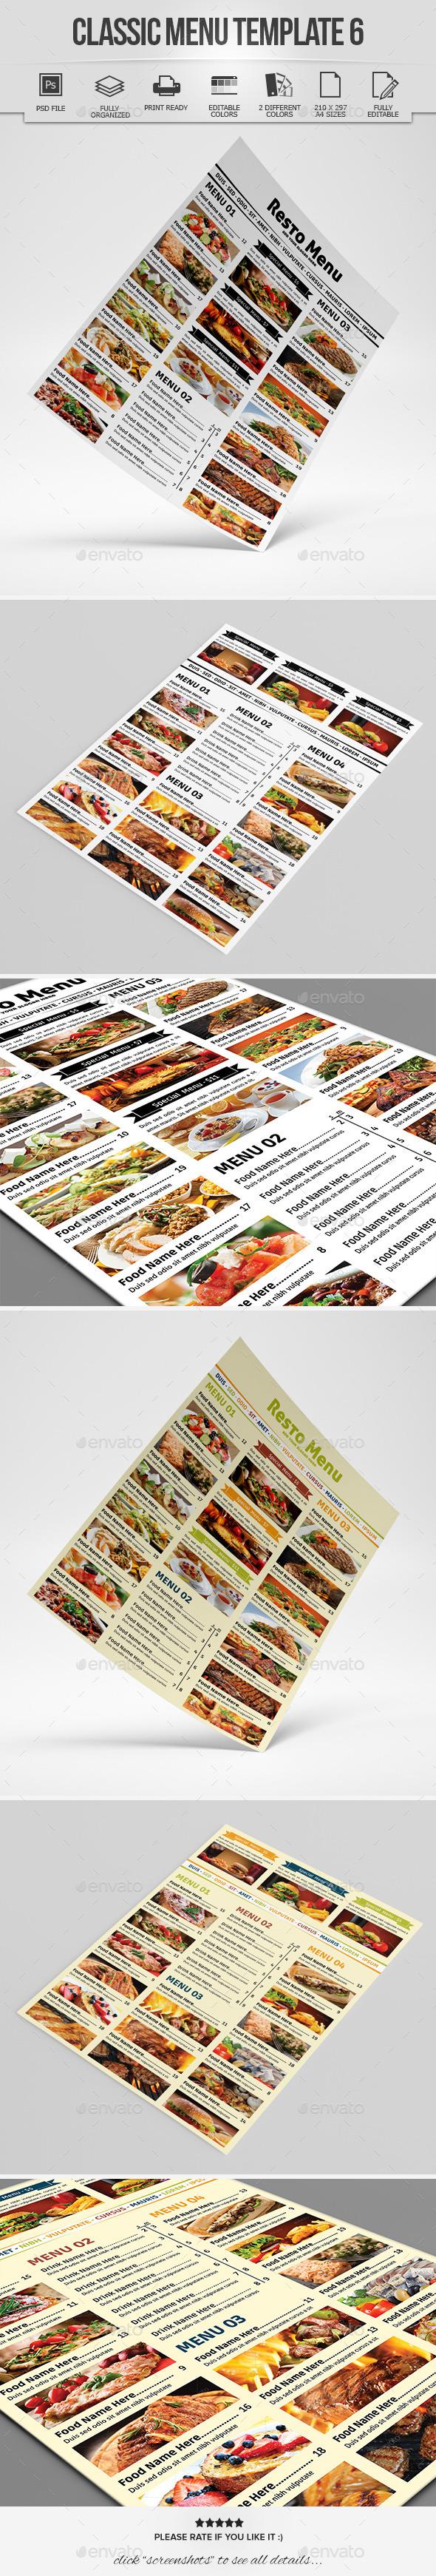 Classic Menu Template 6 - Food Menus Print Templates